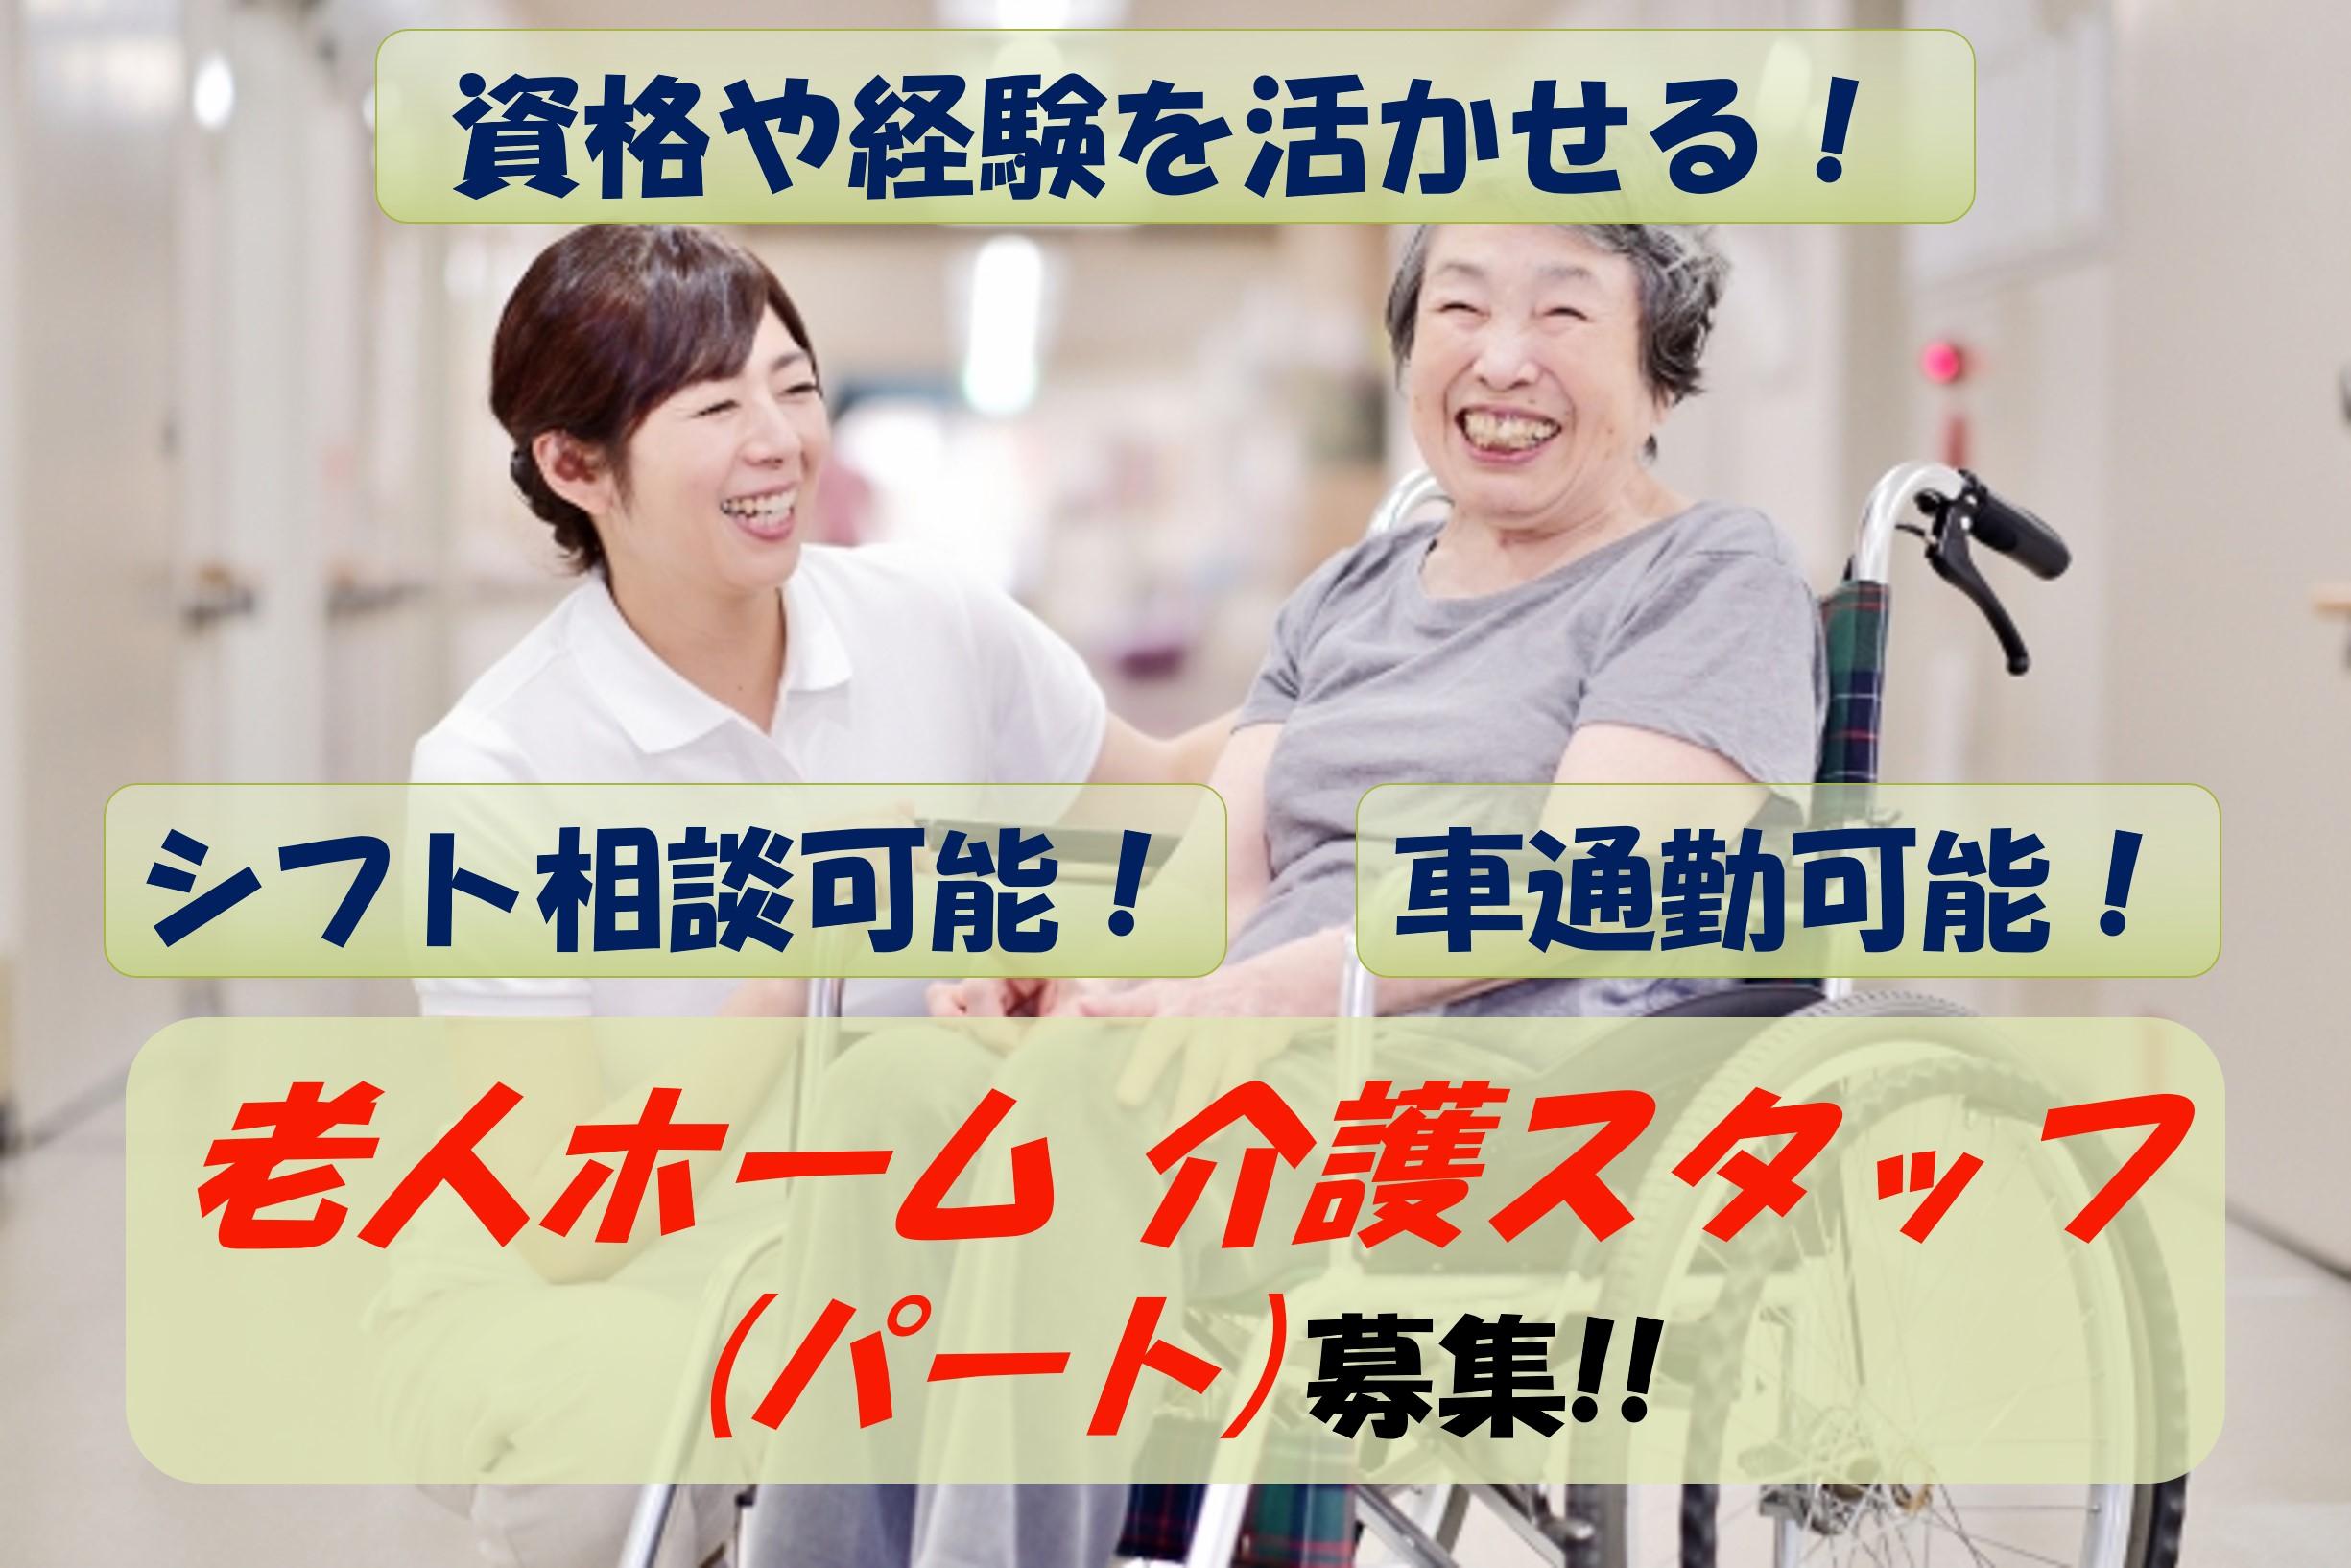 【即面談可能】勤務時間や日数応相談!資格や経験活かせる!老人ホーム 介護スタッフ イメージ